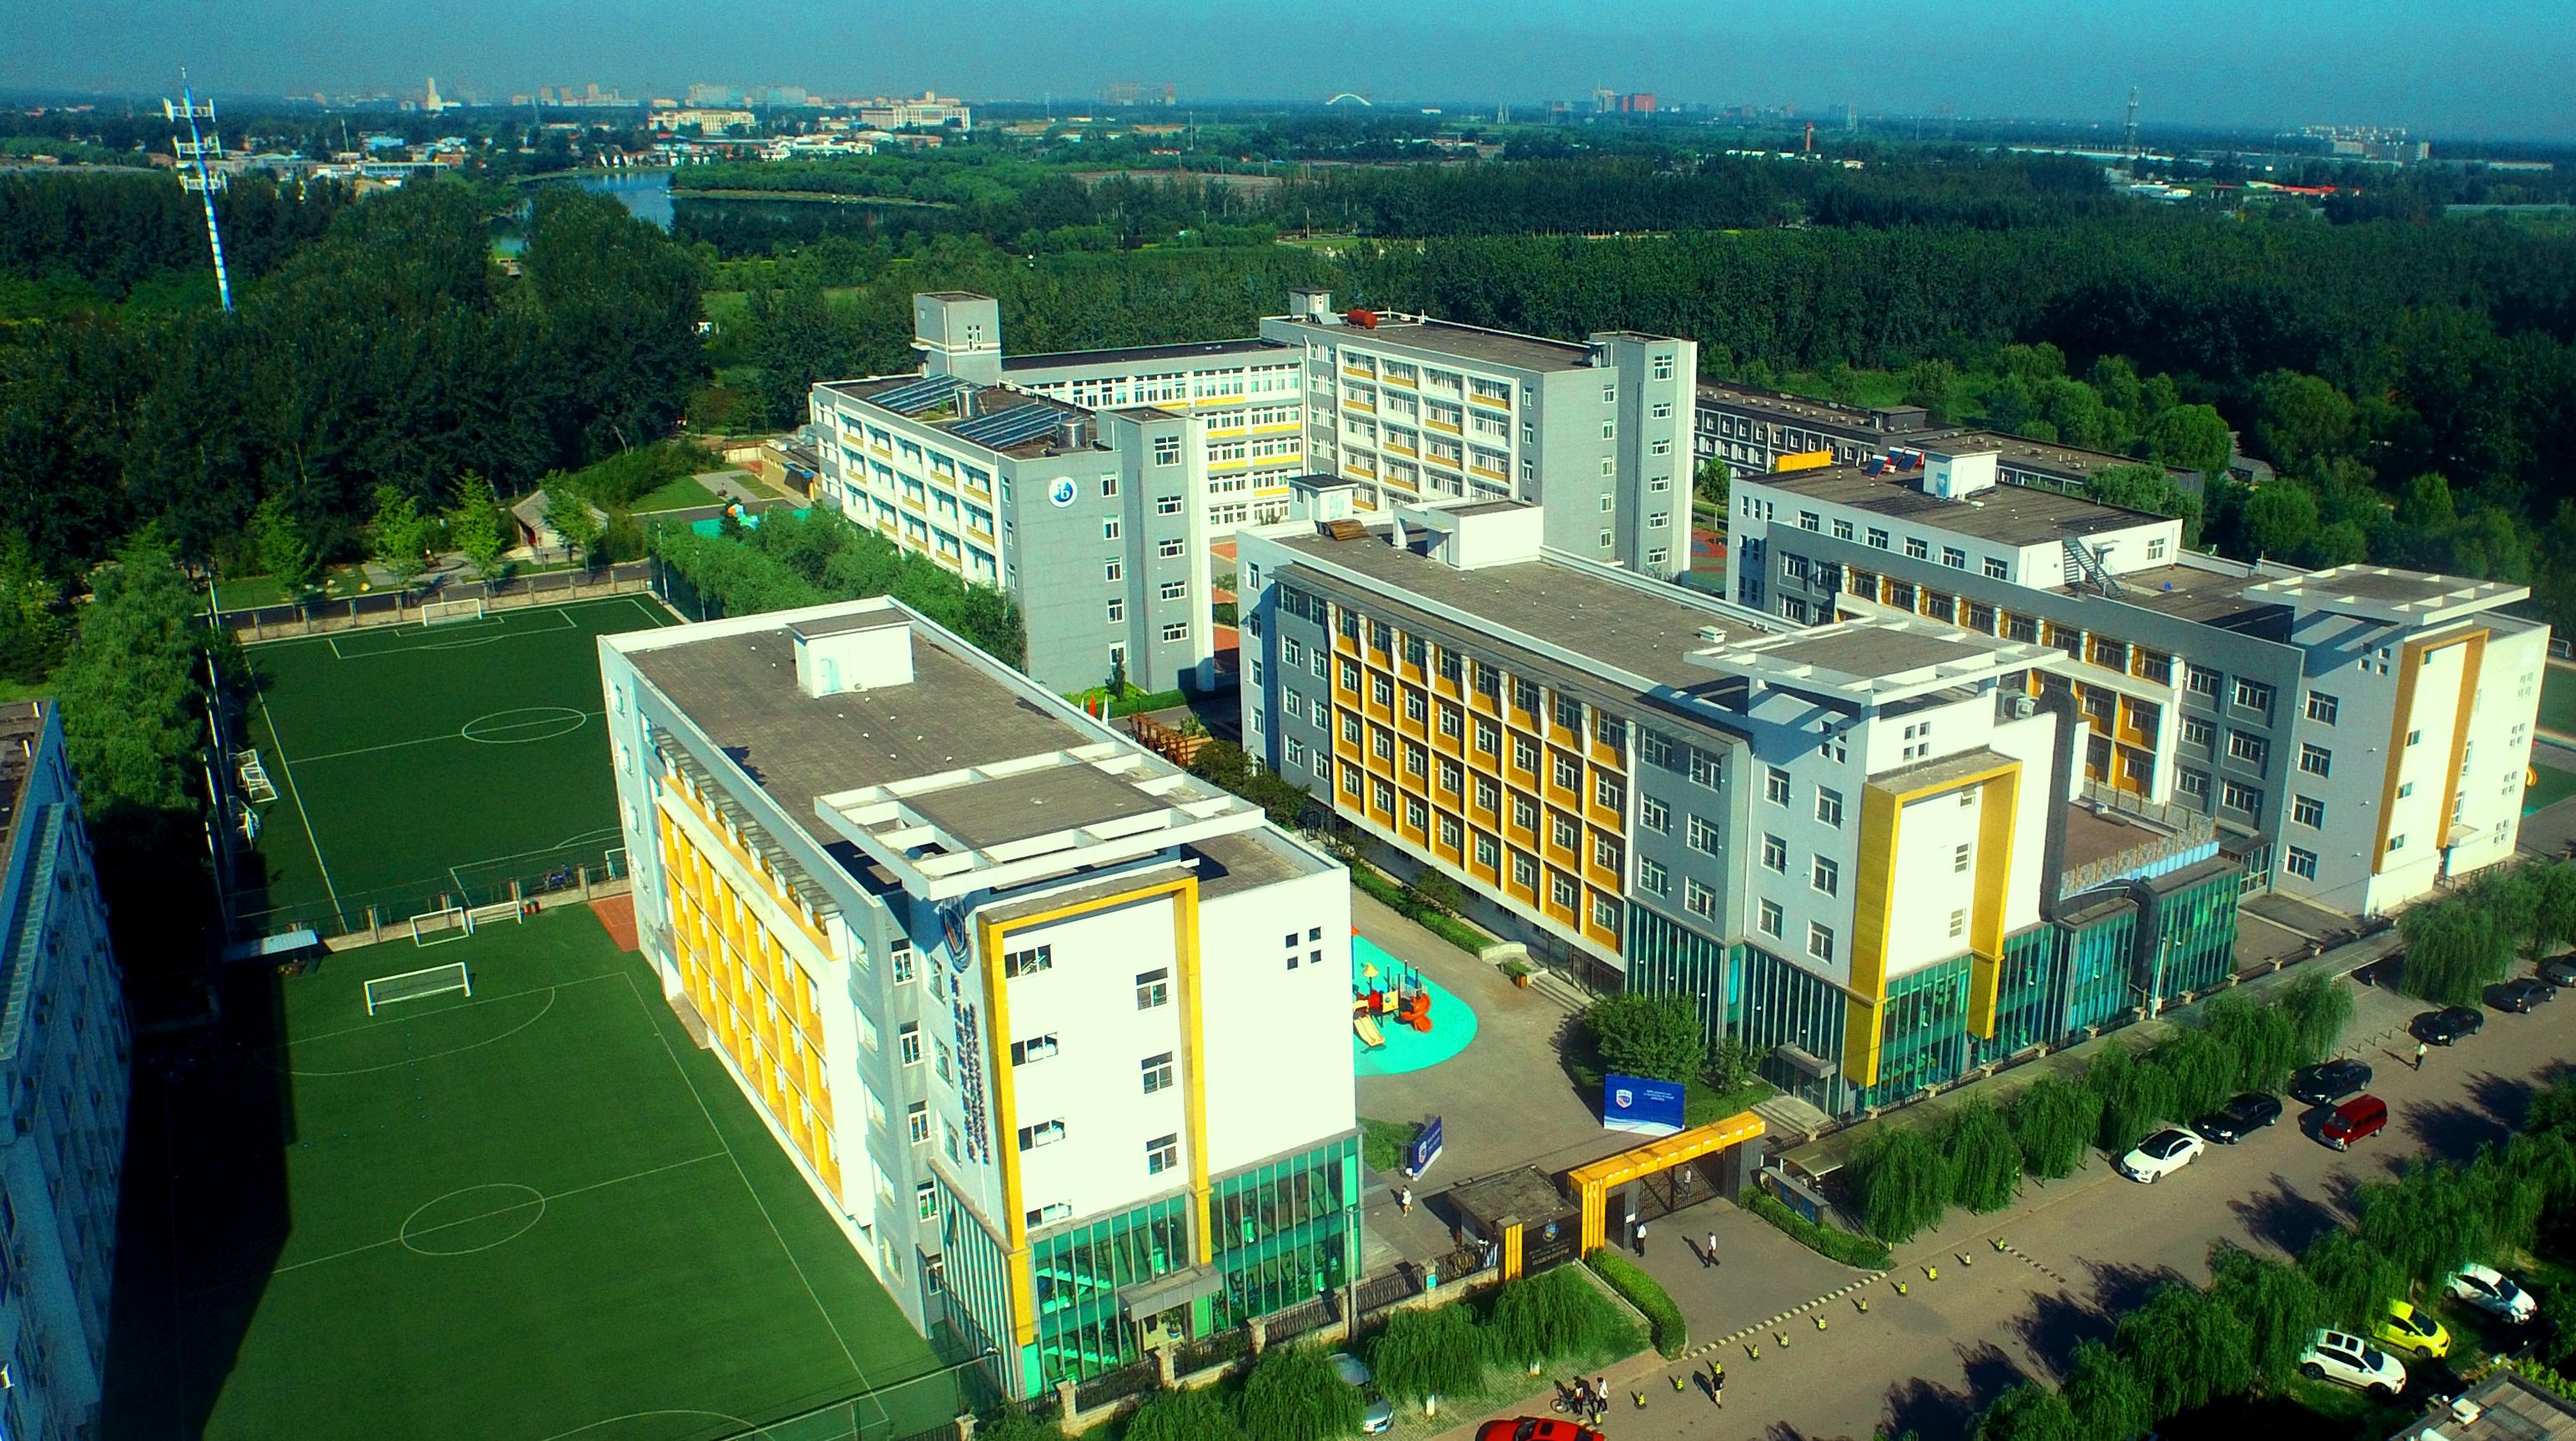 BIBA Campus